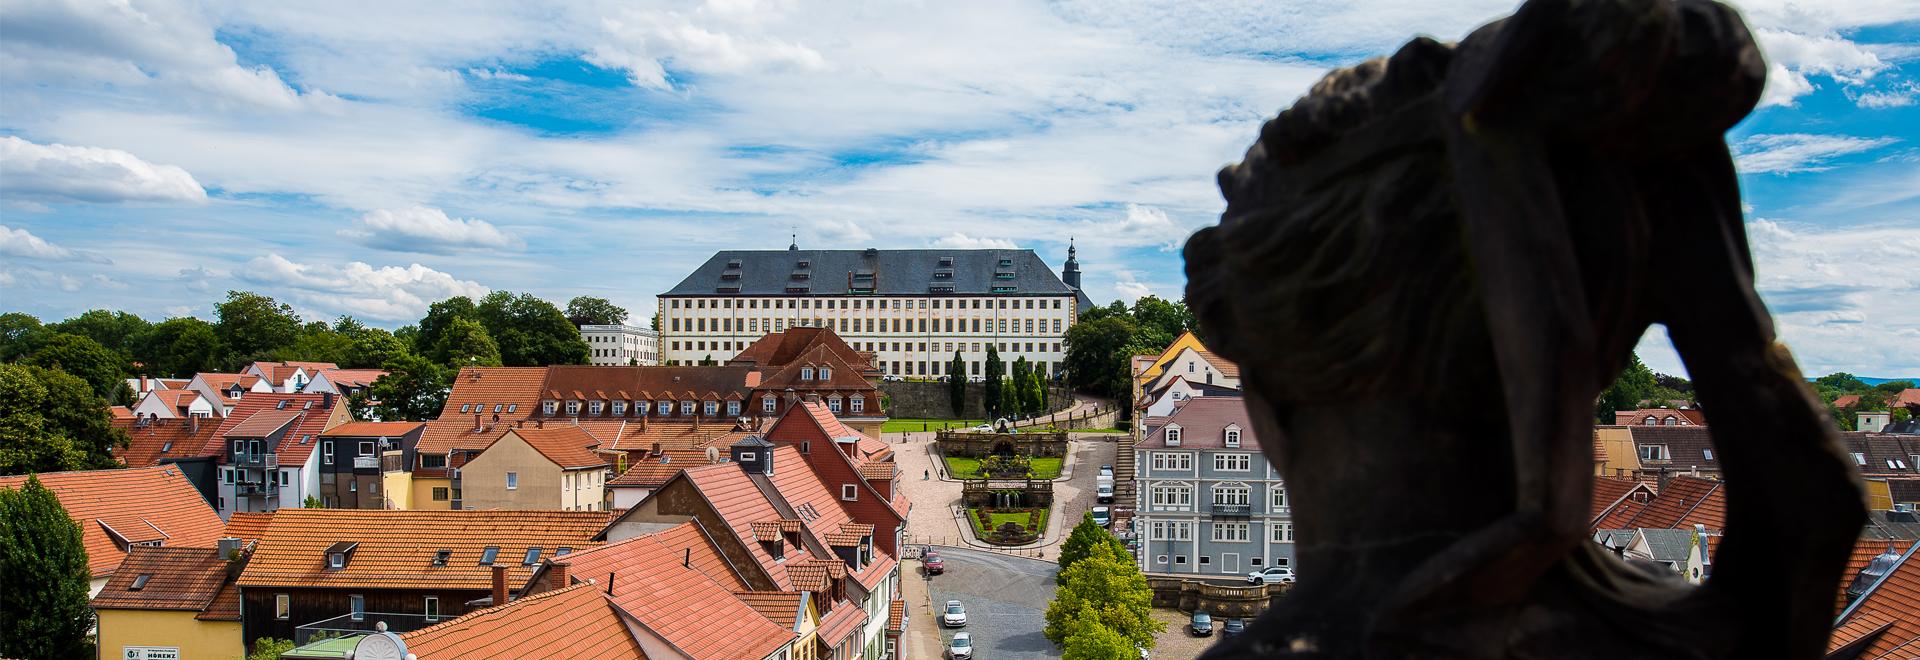 Blick auf Schloss Friedenstein Gotha ©J.Schröter